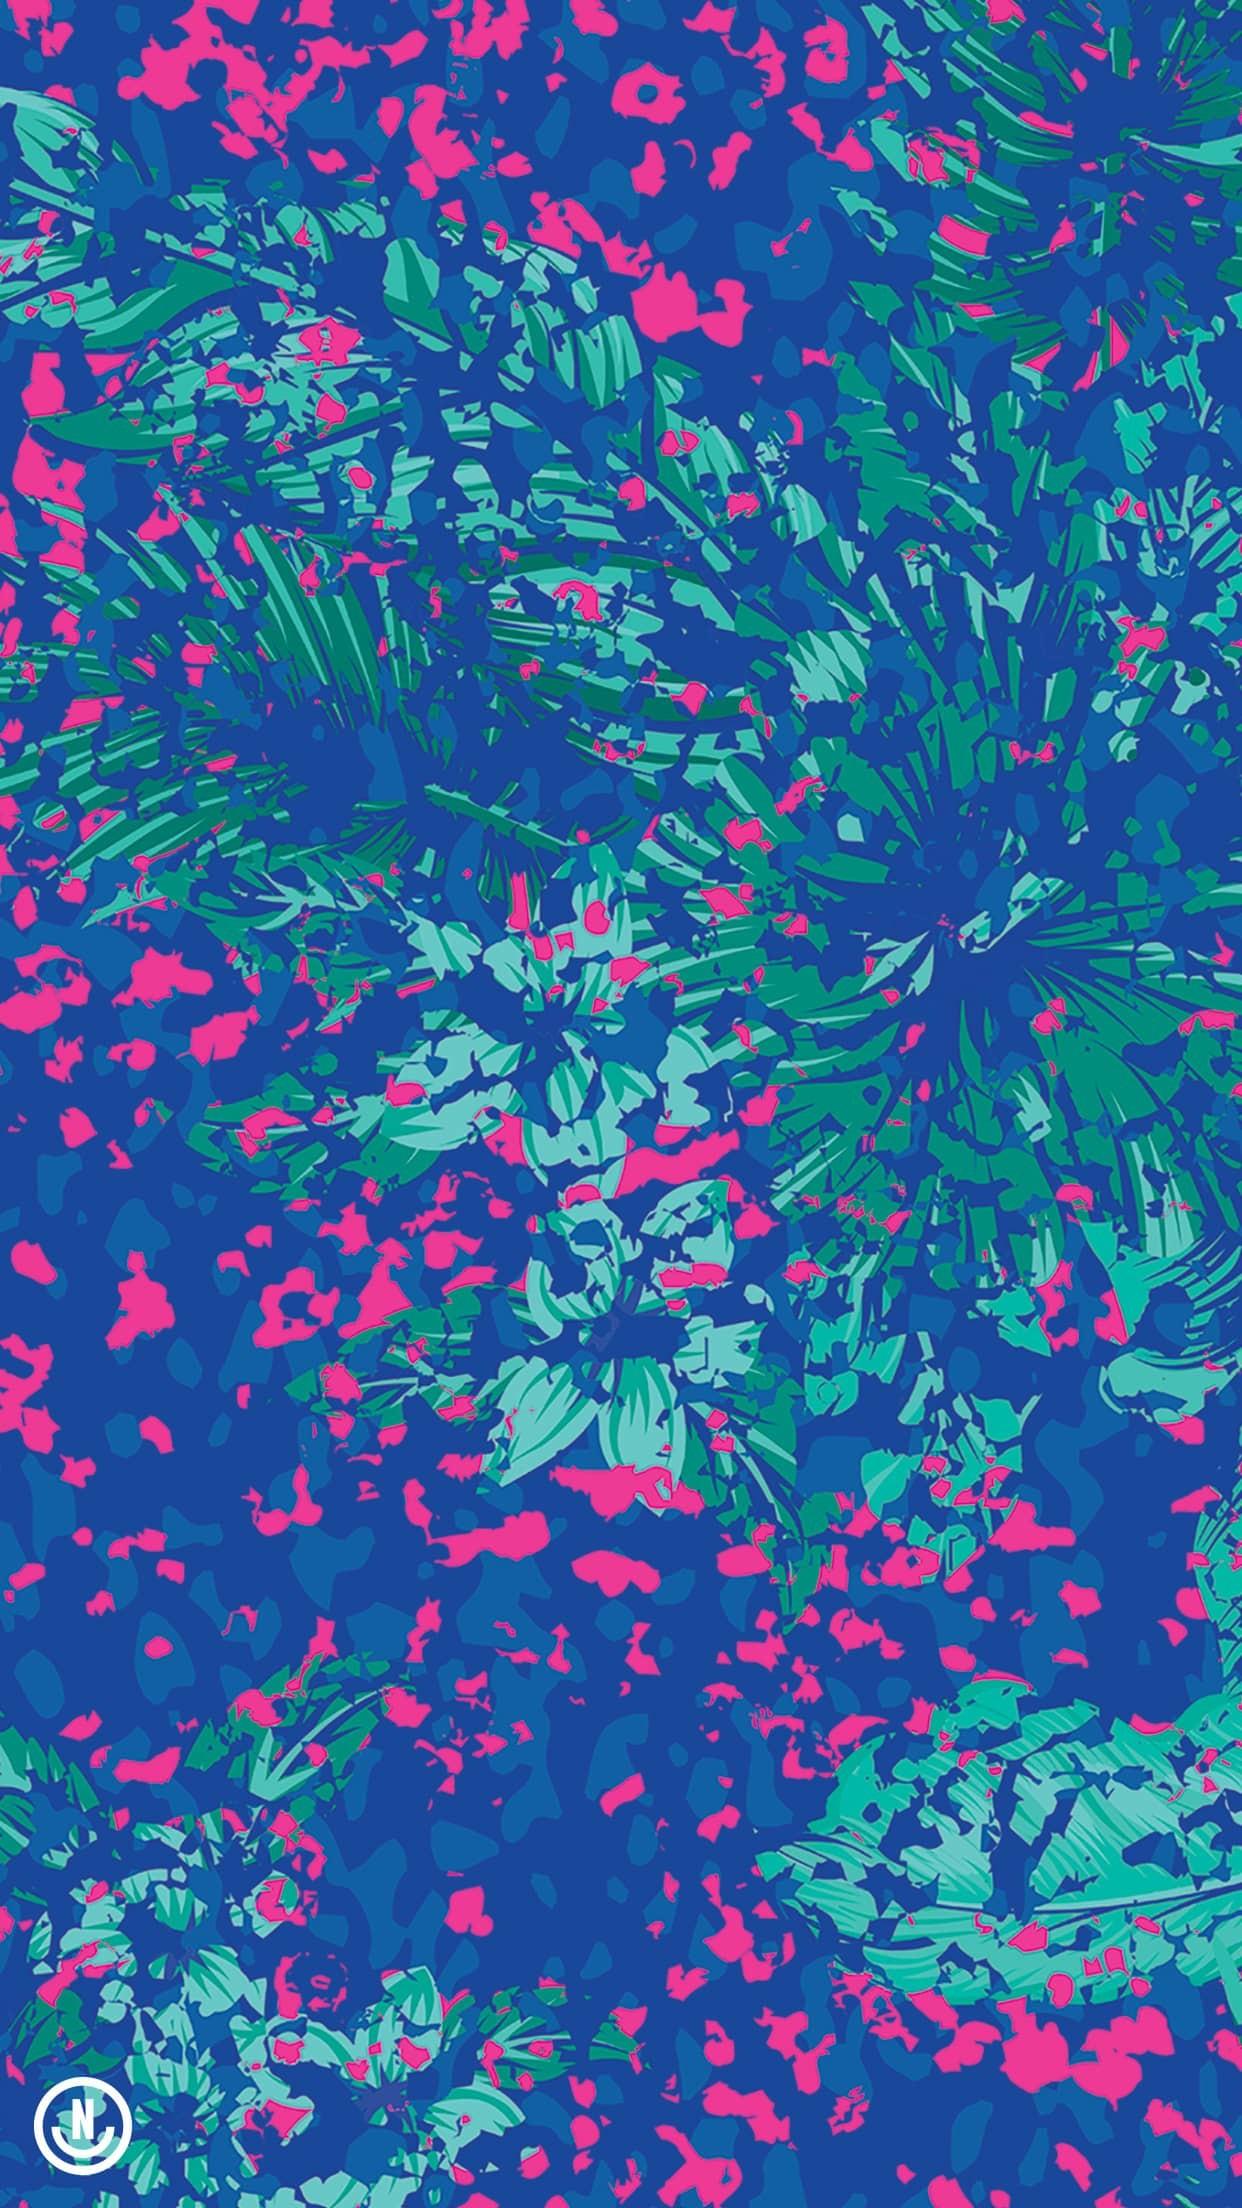 Marijuana Minimal Wallpaper by Club Marijuana Source · Neff Wallpaper  Download Many HD Wallpaper